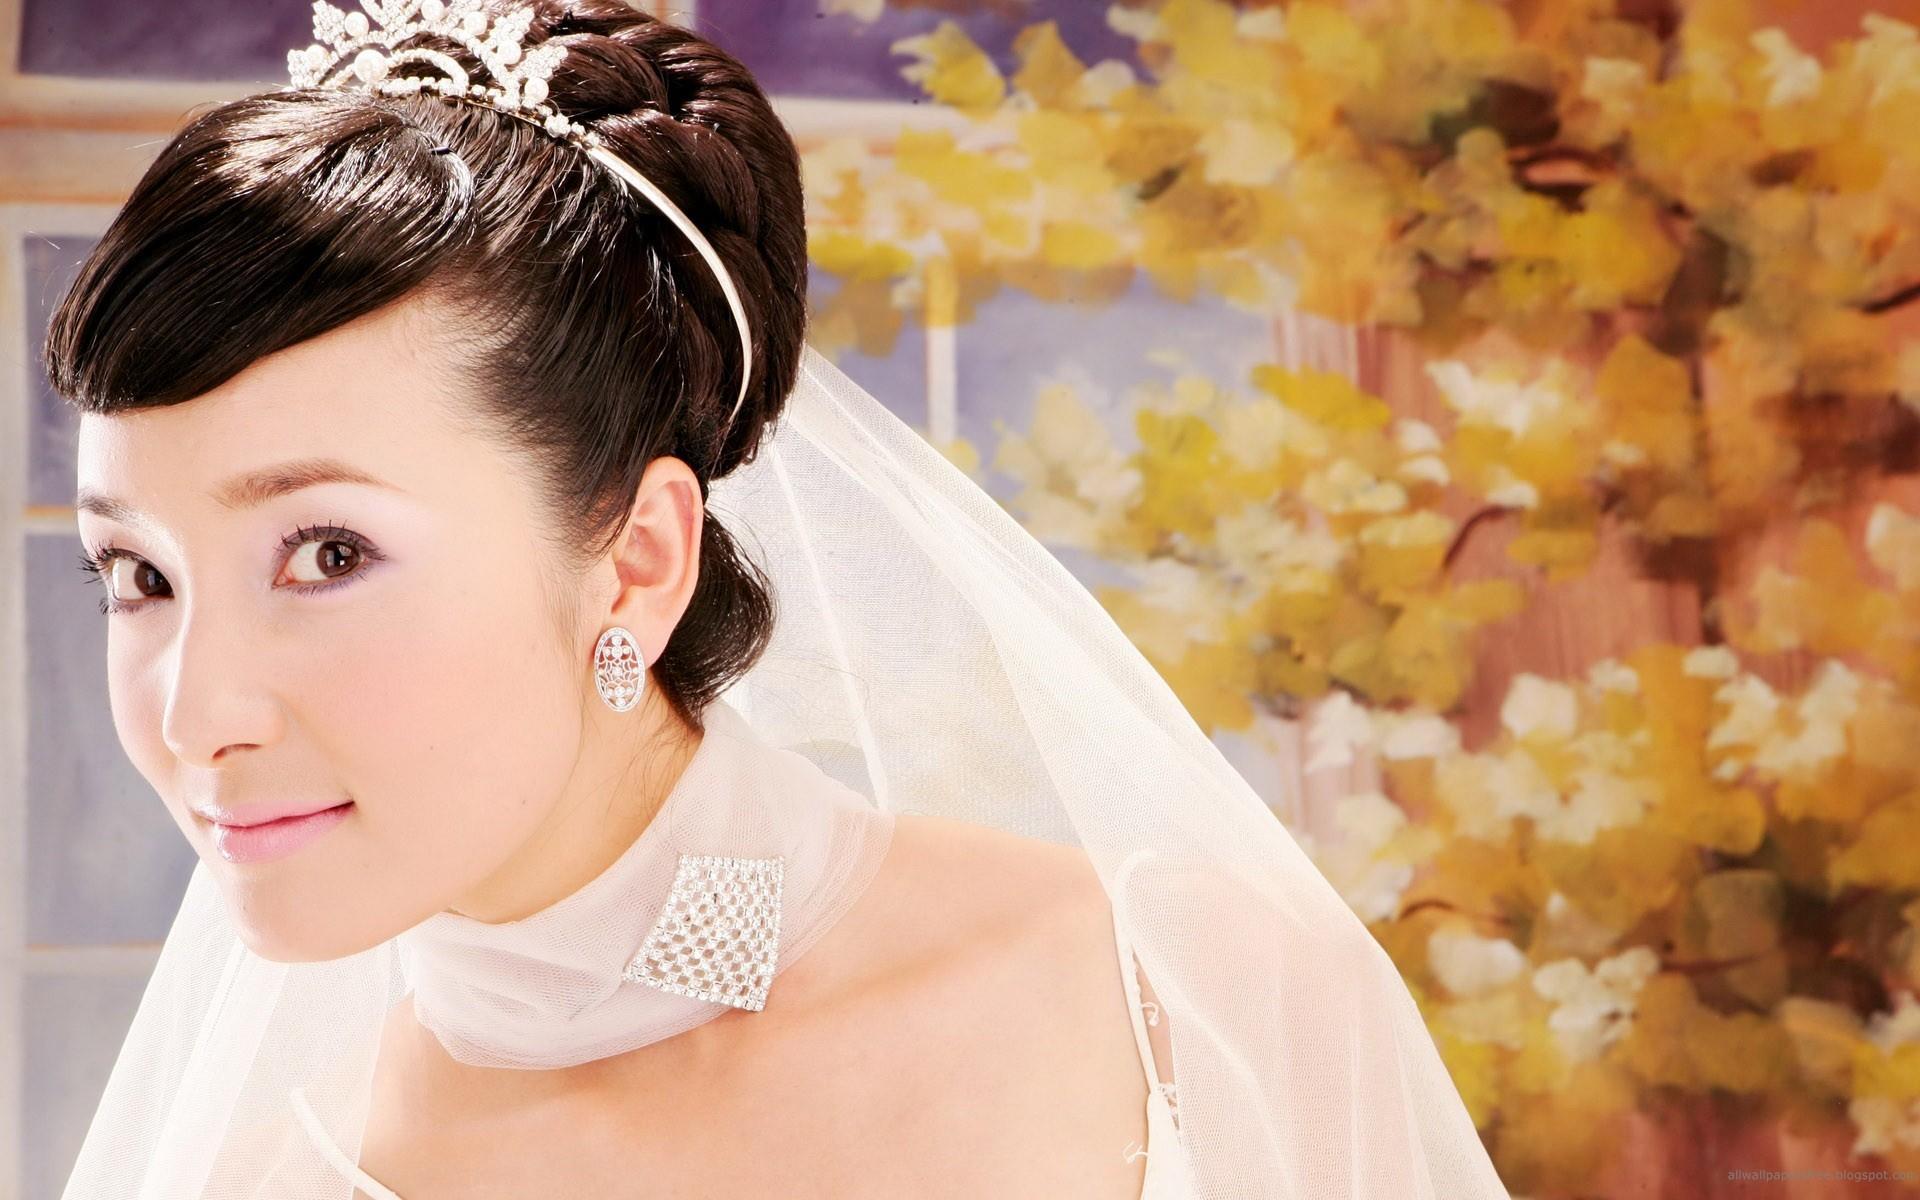 Peinado de novia asiática - 1920x1200